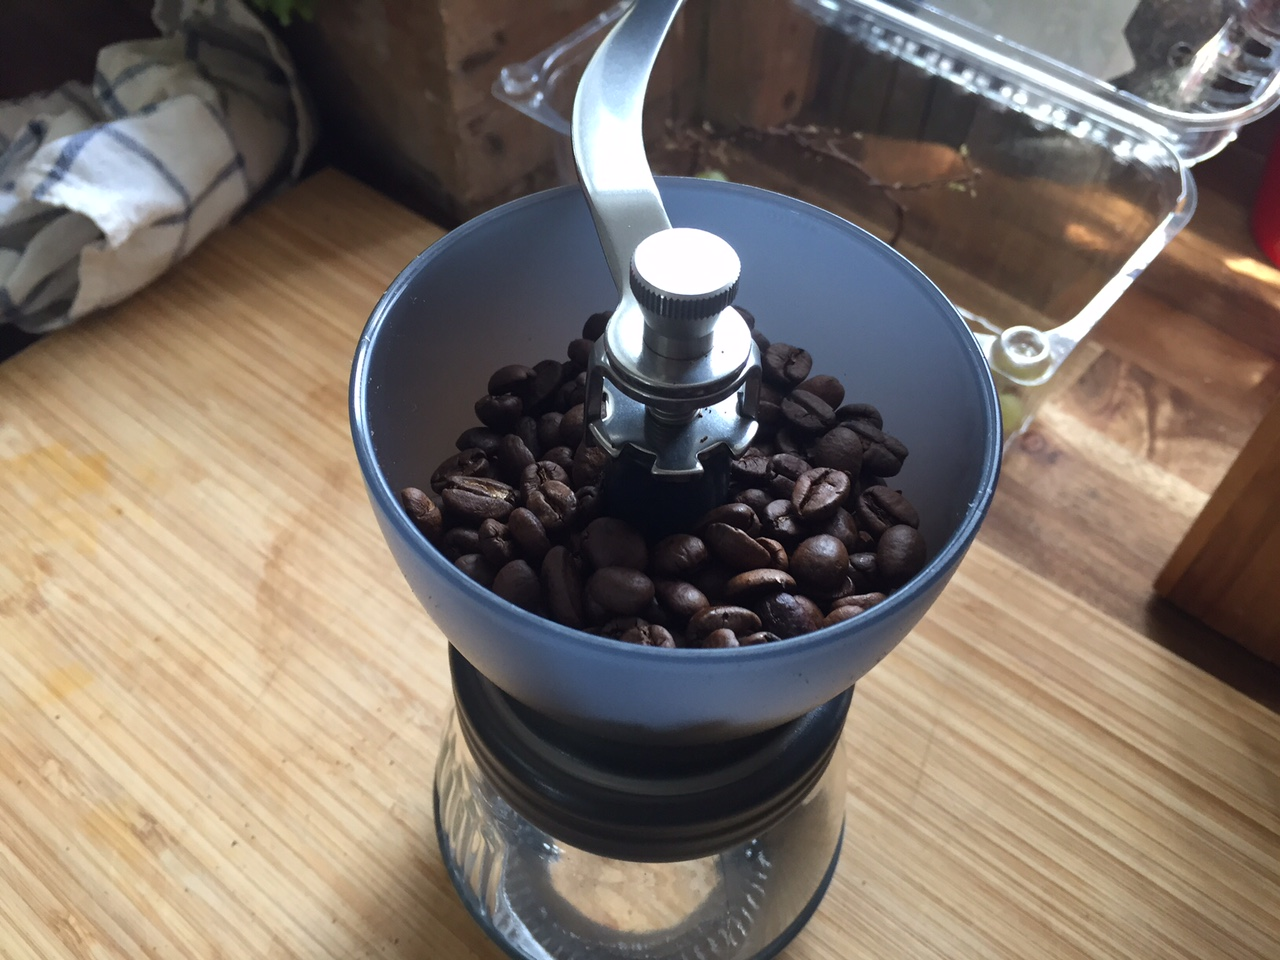 Füllmenge Hario Kaffeemühle